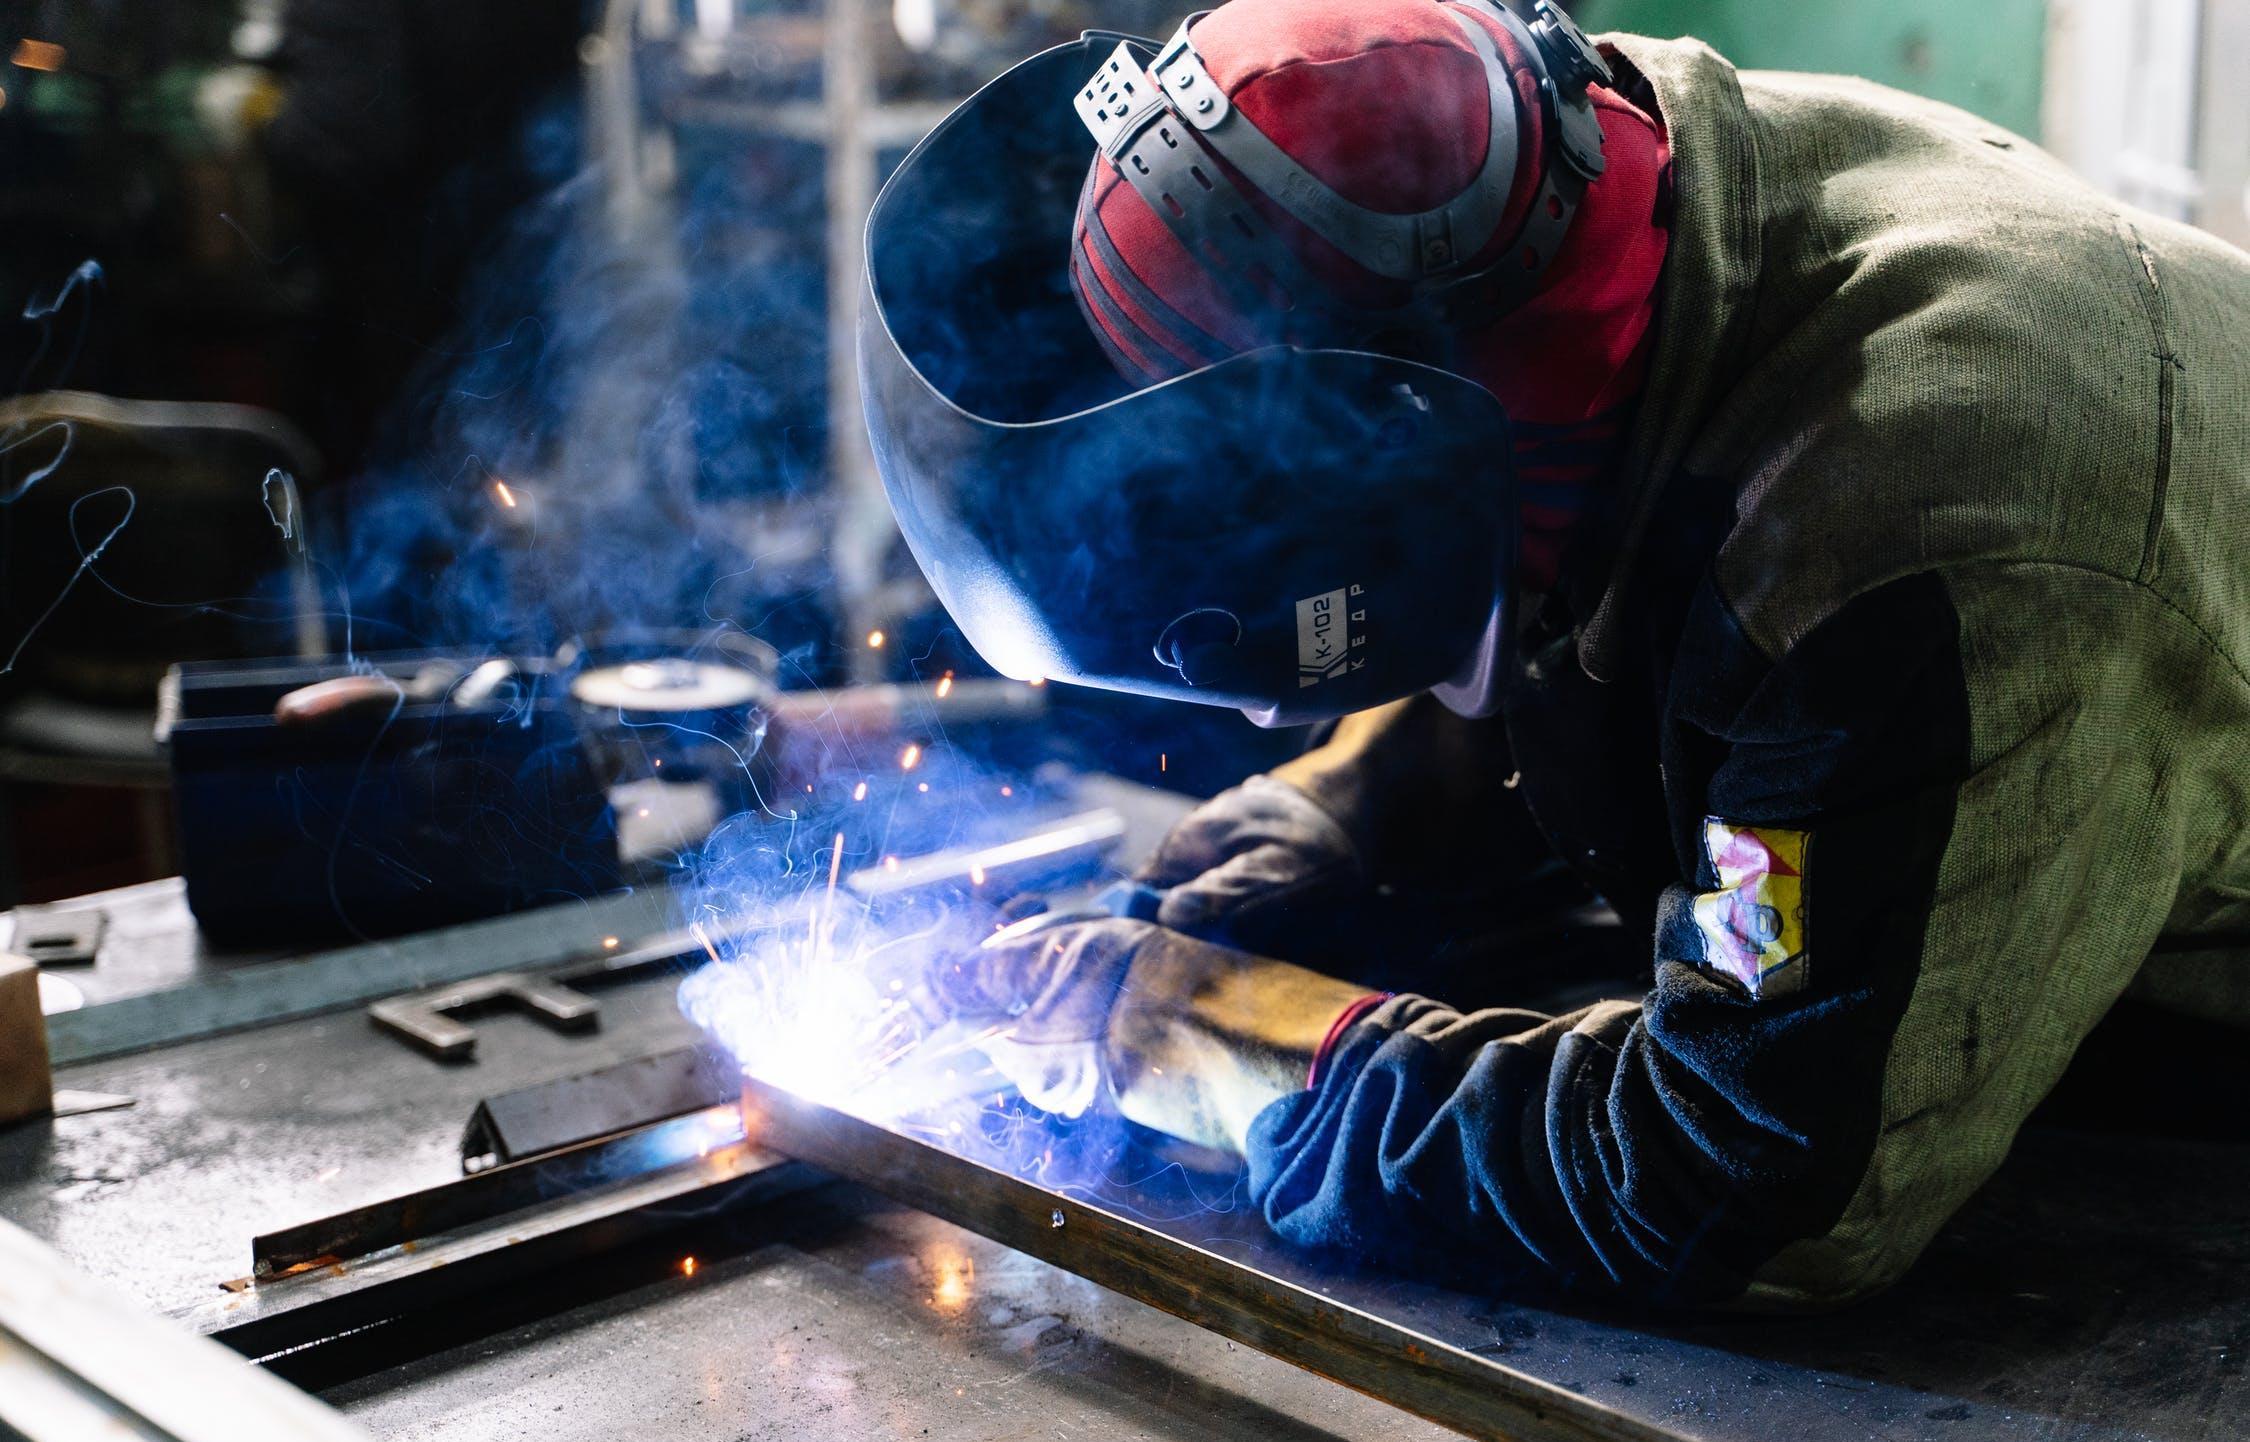 Названы самые высокооплачиваемые рабочие вакансии в Тверской области - новости Афанасий